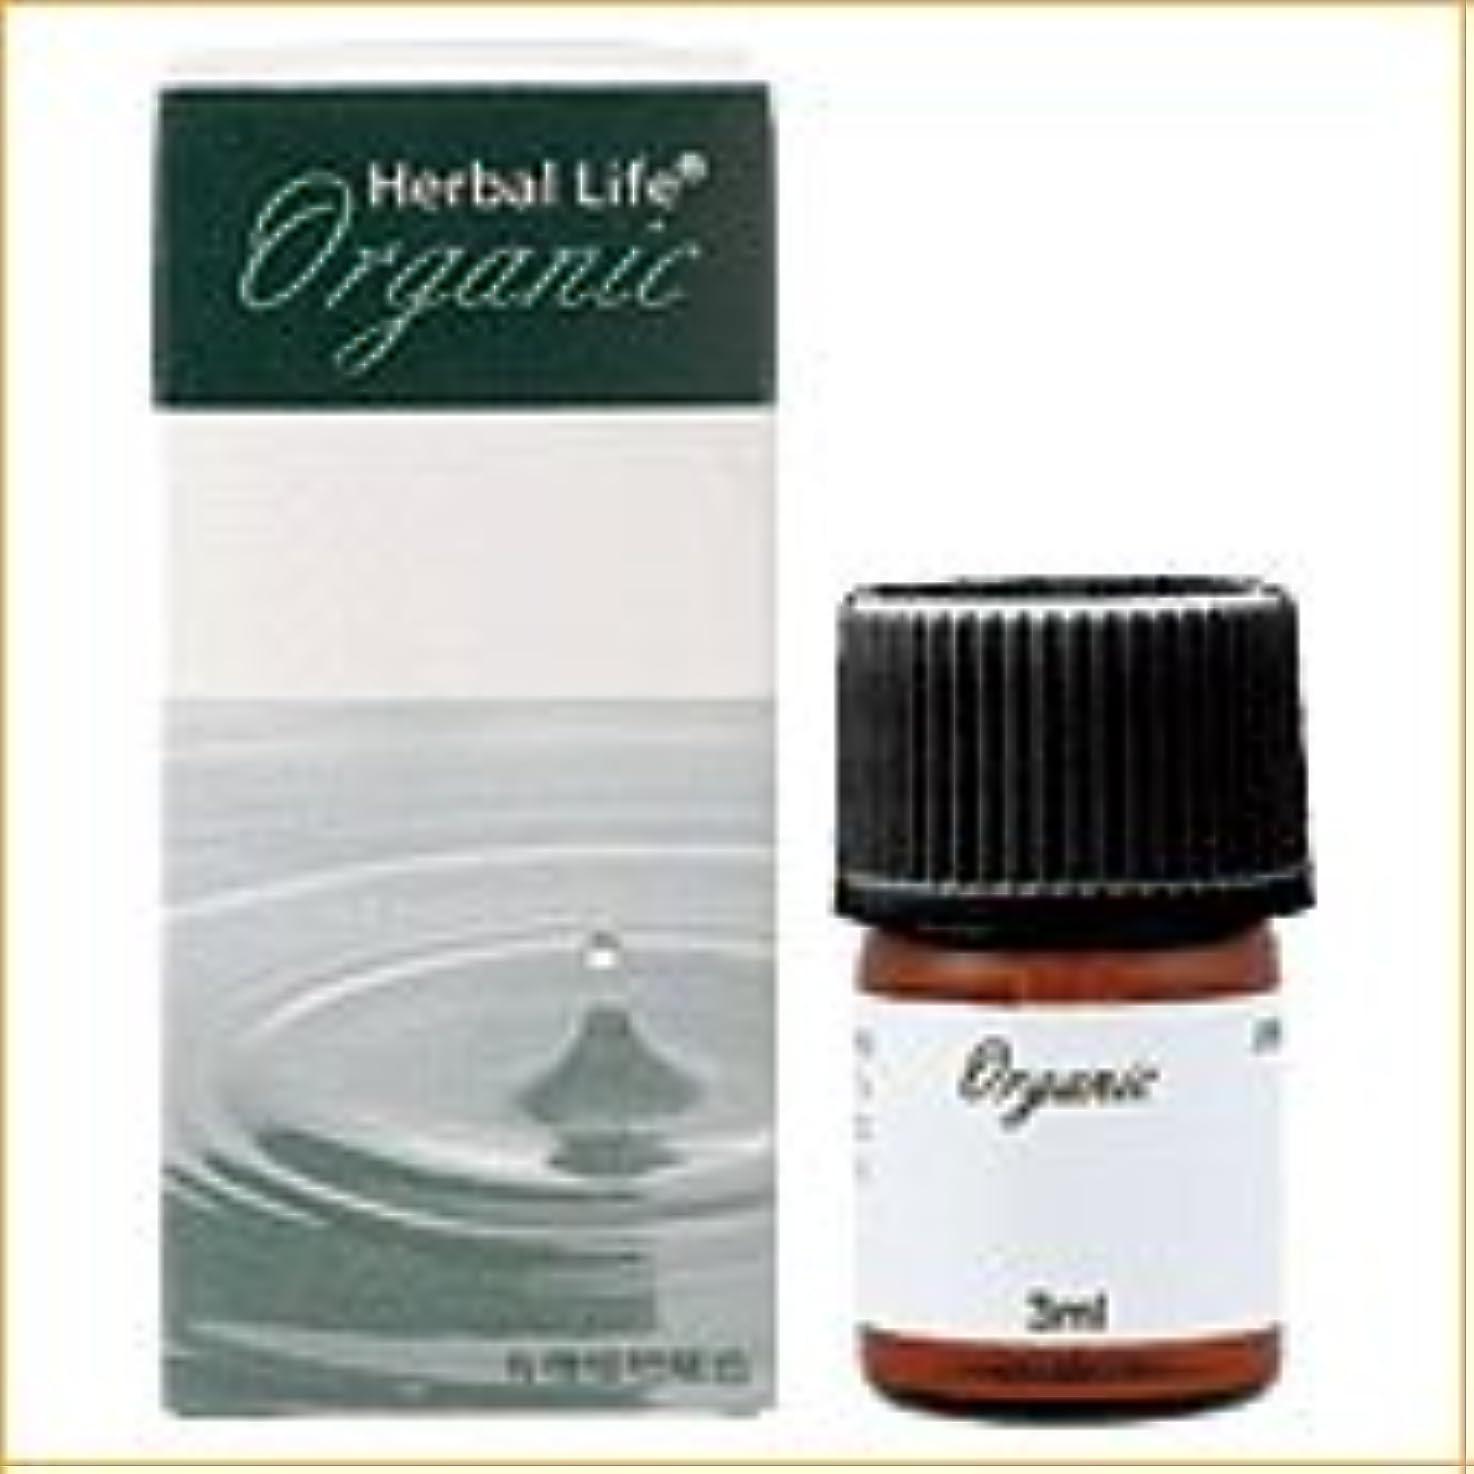 電圧保守可能スイング生活の木 オーガニックエッセンシャルオイル ORG ジュニパー 精油 3ml (Tree of Life Organic Essential Oil/オーガニック エッセンシャルオイル)